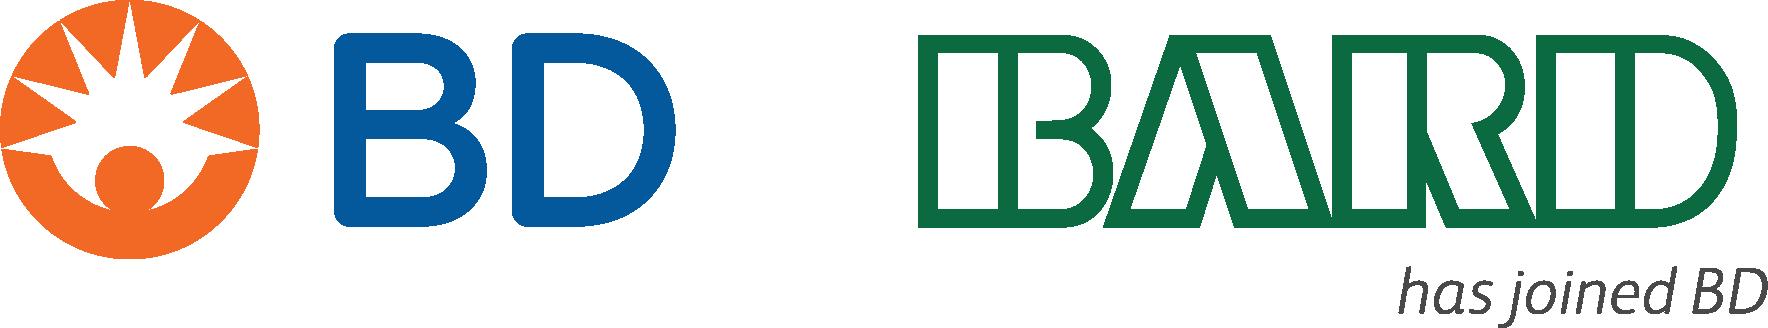 bd and bard_4C